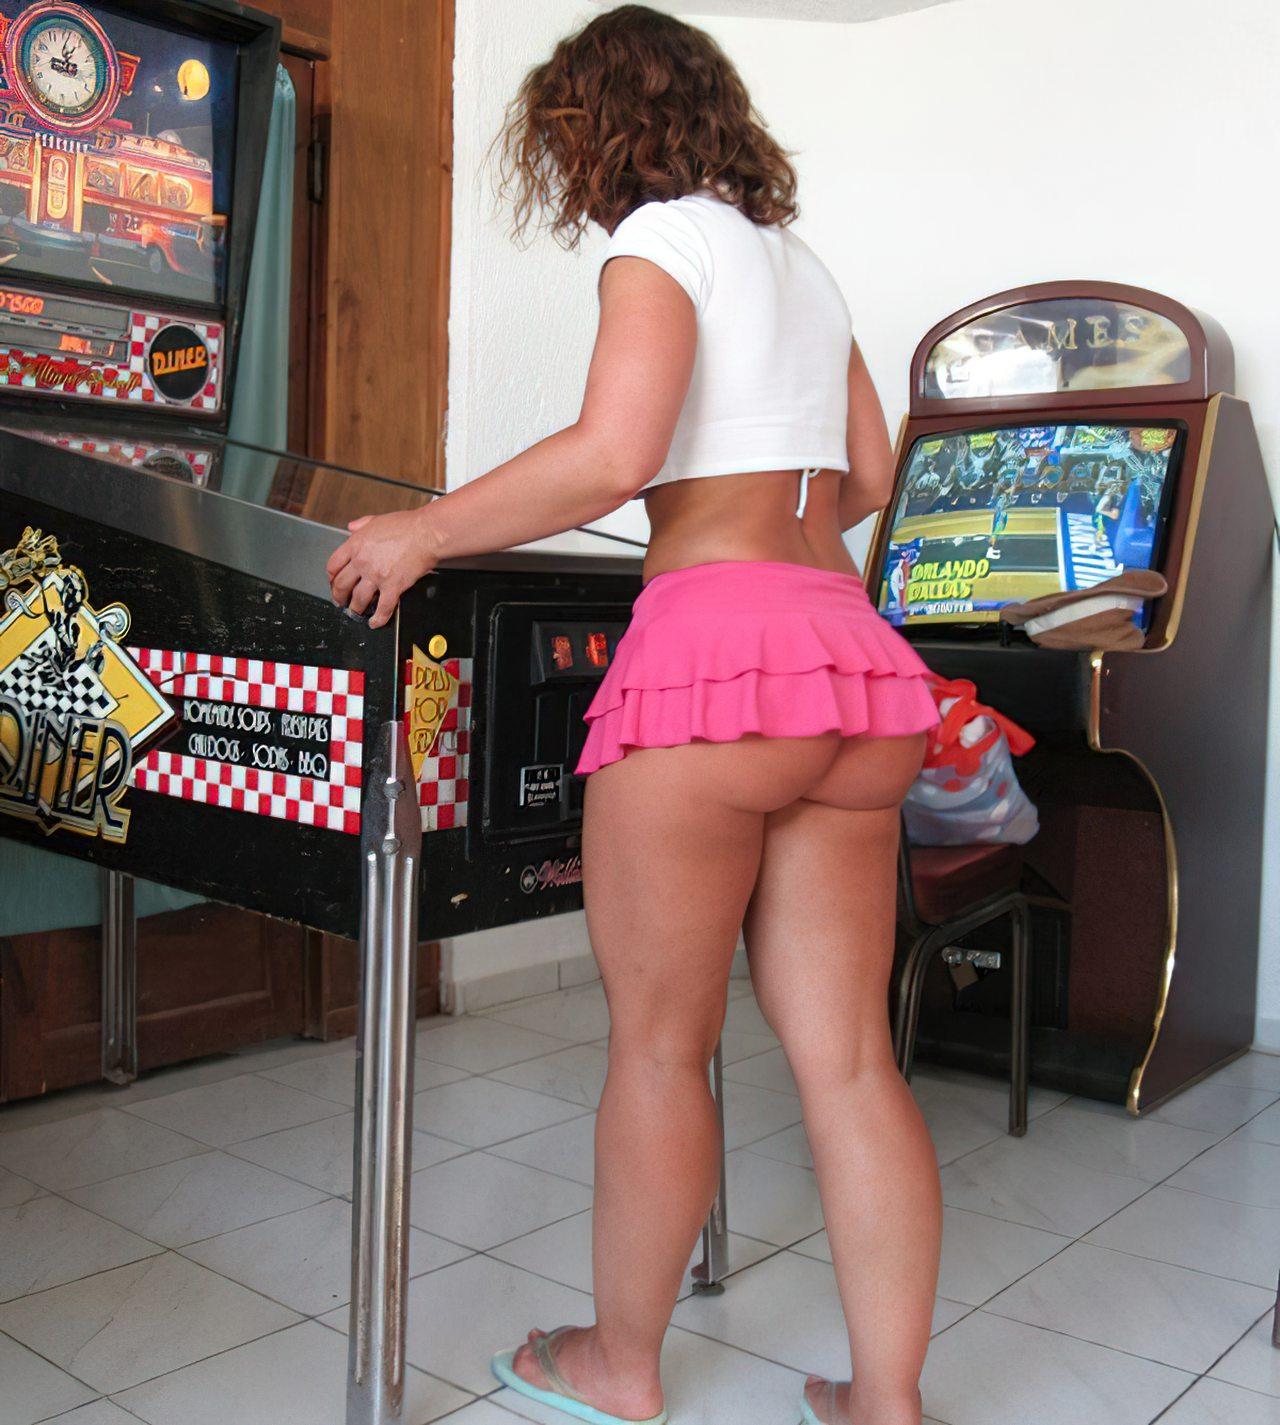 Maquina de Jogos